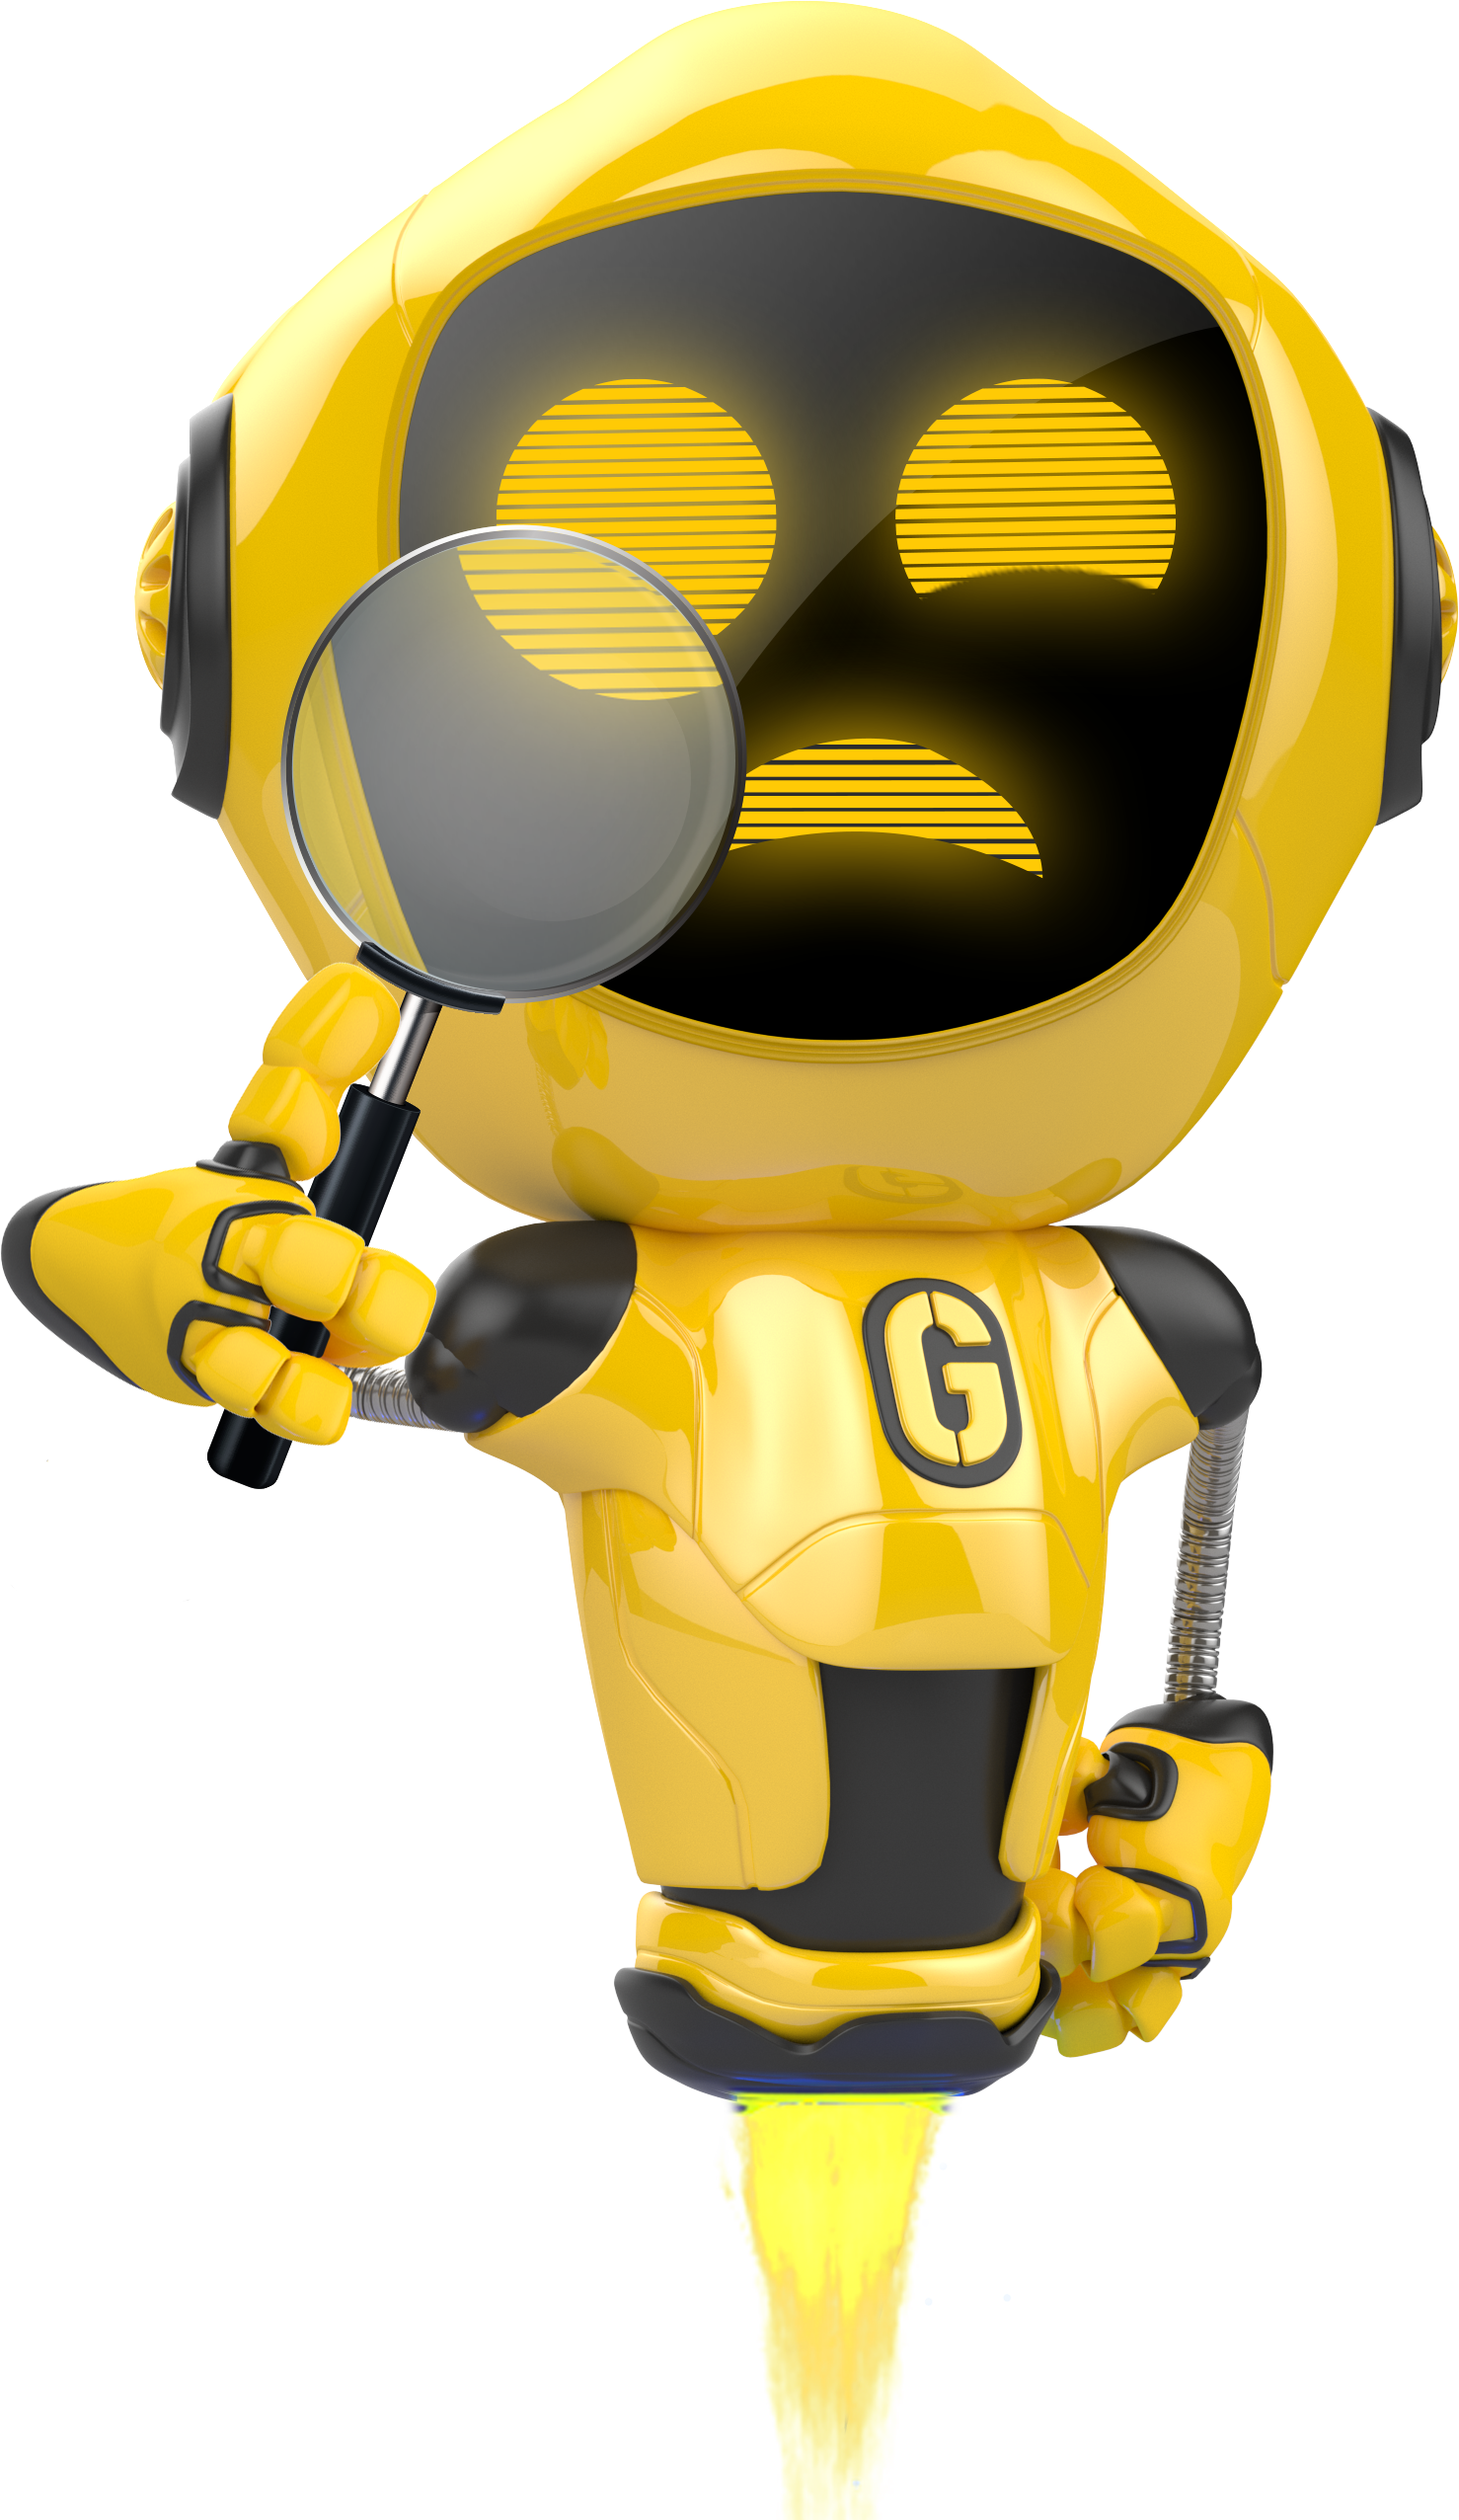 GigaRobot